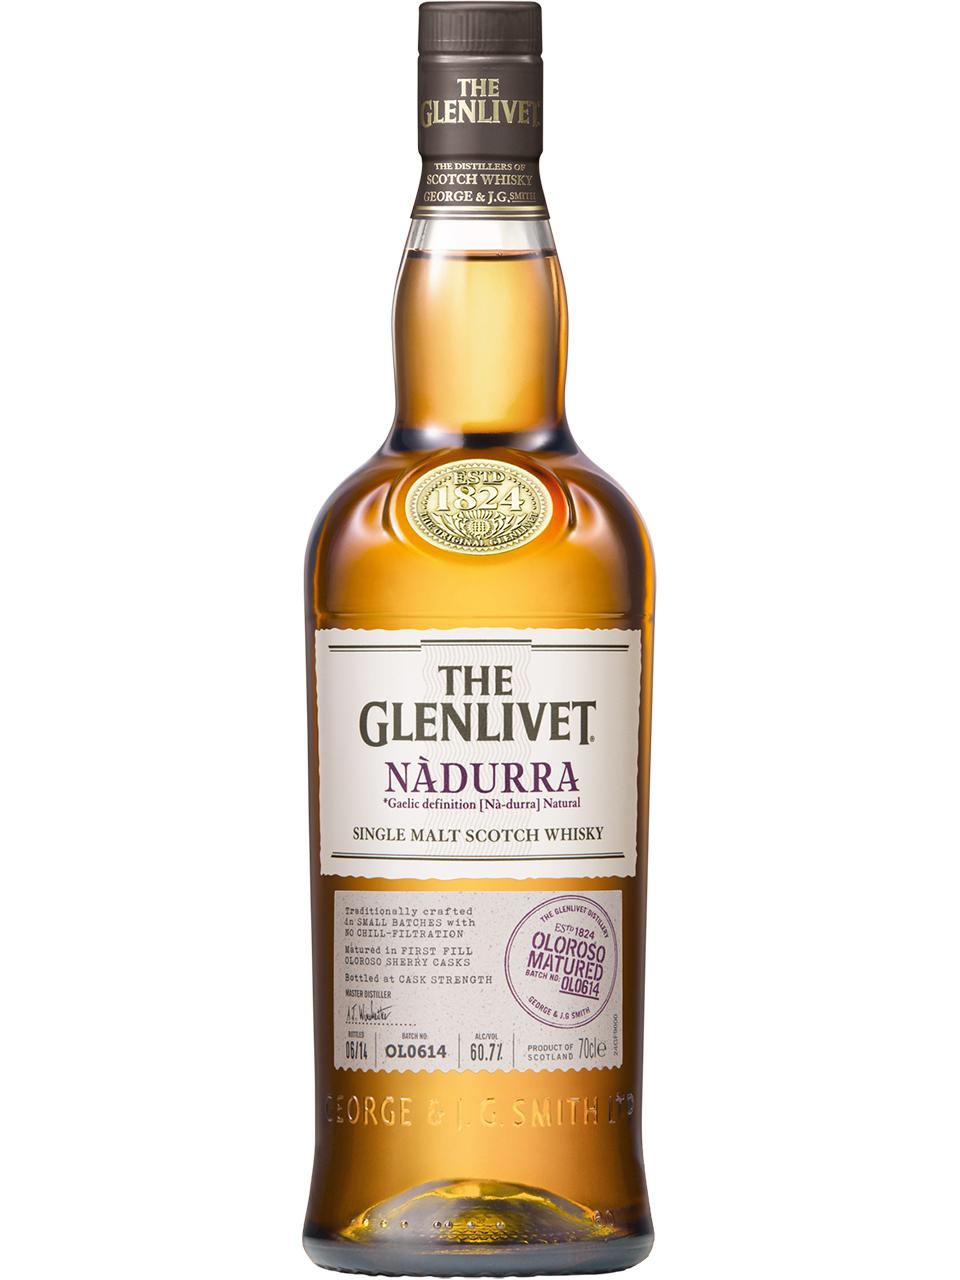 The Glenlivet Nadurra Oloroso Single Malt Scotch